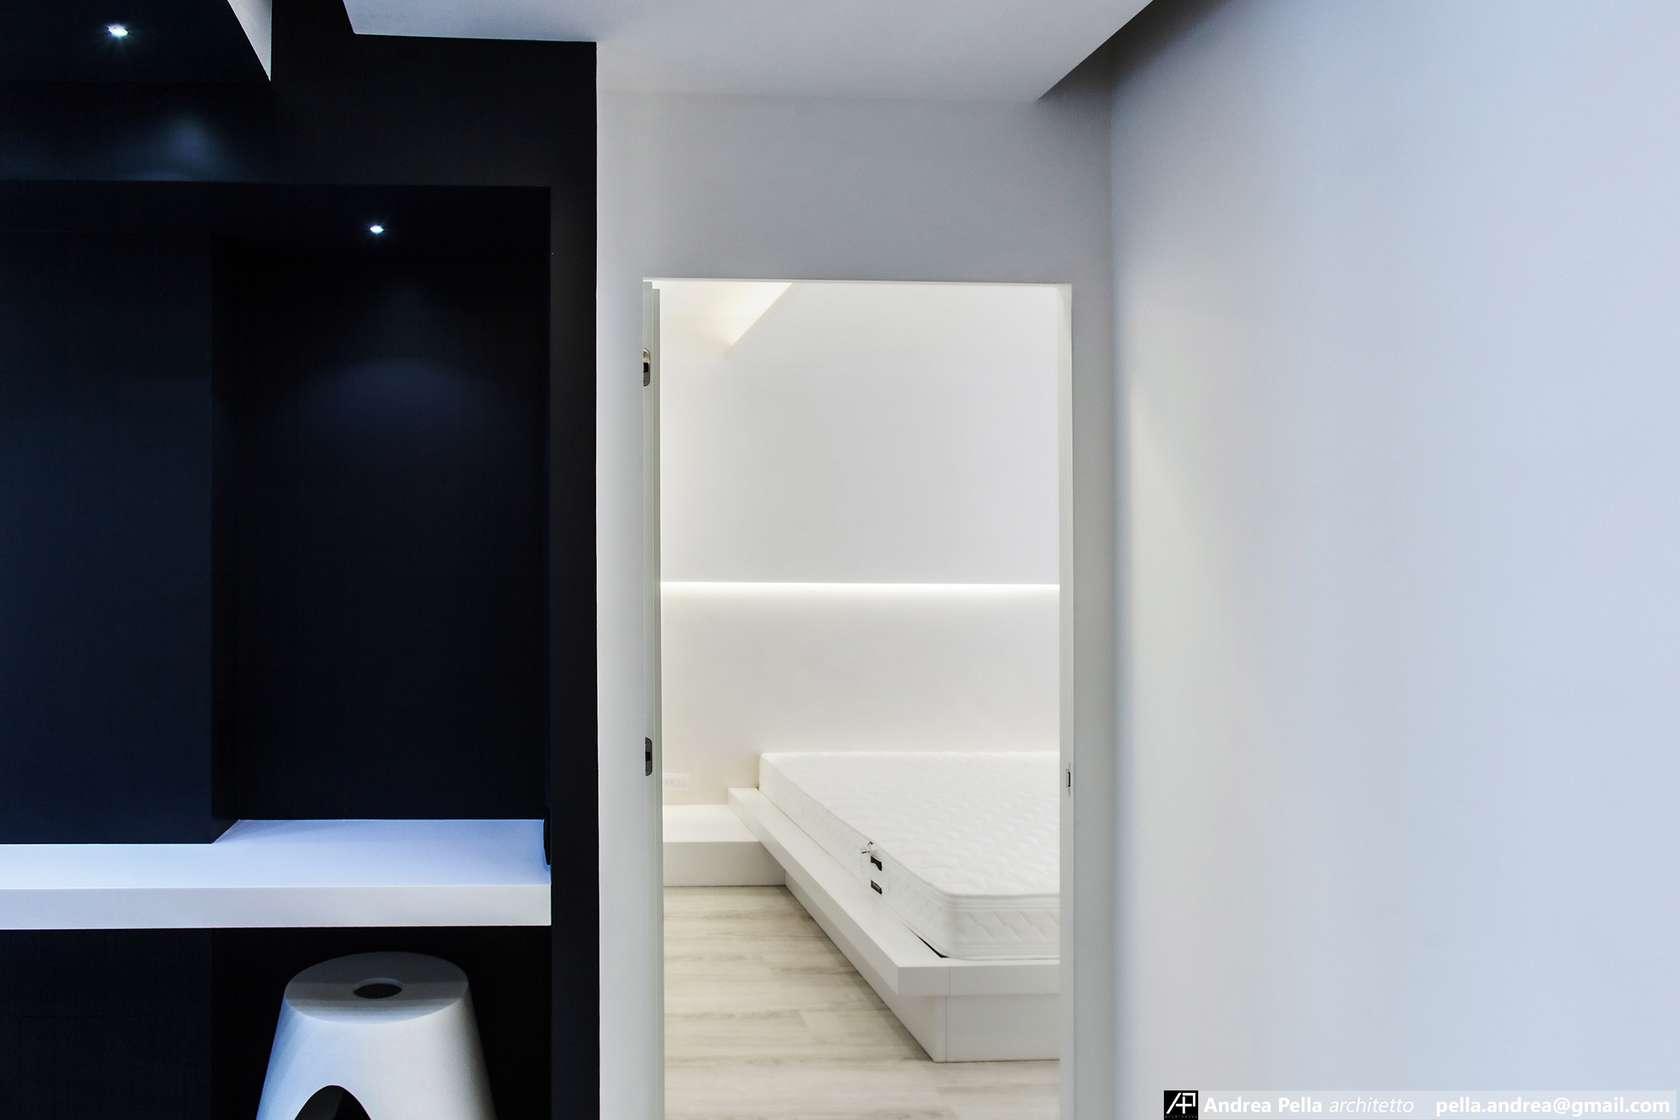 малък апартамент в минималистичен стил - 21